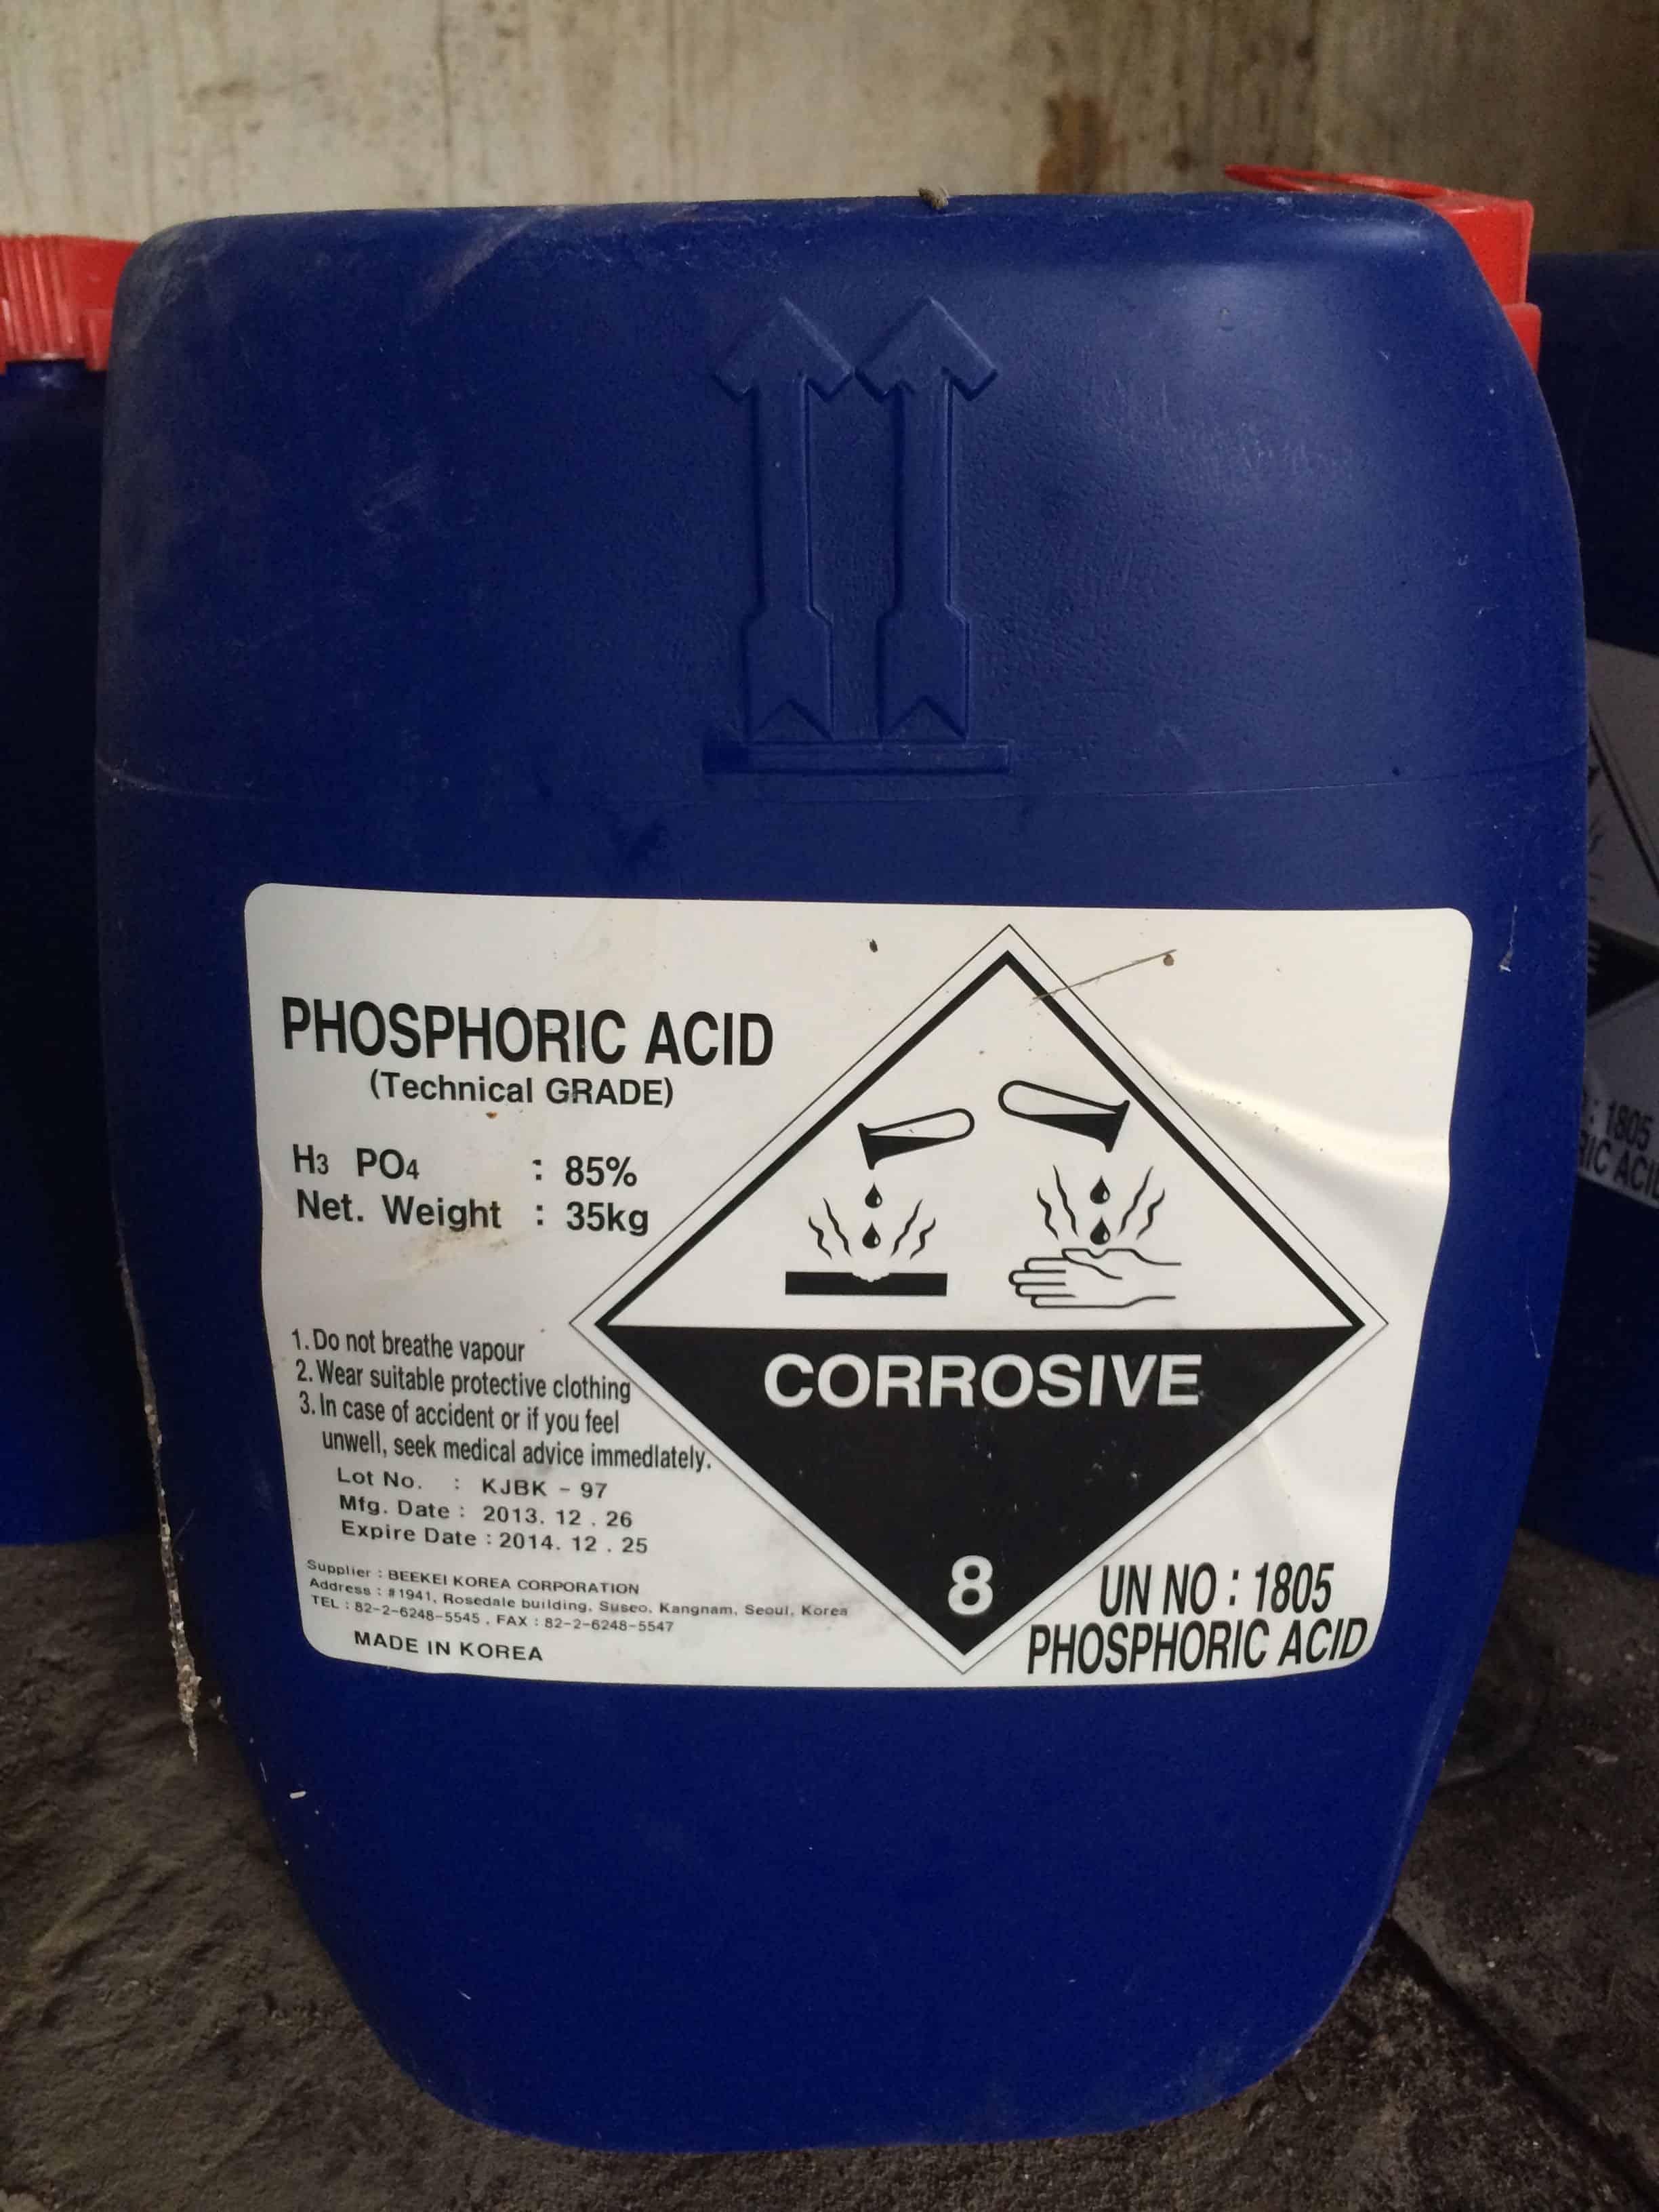 mua Axit Photphoric tinh khiết giá Axit Photphoric công nghiệp làm Acid Phosphoric bán Acid Phosphoric uy tín cung cấp Axit Photphoric giá rẻ nhập khẩu Axit Photphoric sản xuất Axit Photphoric nhà cung cấp Axit Photphoric nhu cầu Axit Photphoric ở đâu bán Axit Photphoric bán buôn Axit Photphoric phân phối H3PO4 đại lý Acid Phosphoric H3PO4 bán ở đâu hóa chất Acid Phosphoric mua ở đâu Acid Phosphoric là gì Acid Phosphoric giá bao nhiêu Acid Phosphoric bao nhiêu tiền Axit Photphoric có tác dụng gì Axit Photphoric dùng để làm gì giá Axit Photphoric nhập khẩu bán Axit Photphoric giá tốt mua Axit Photphoric ở đâu địa chỉ mua Axit Photphoric